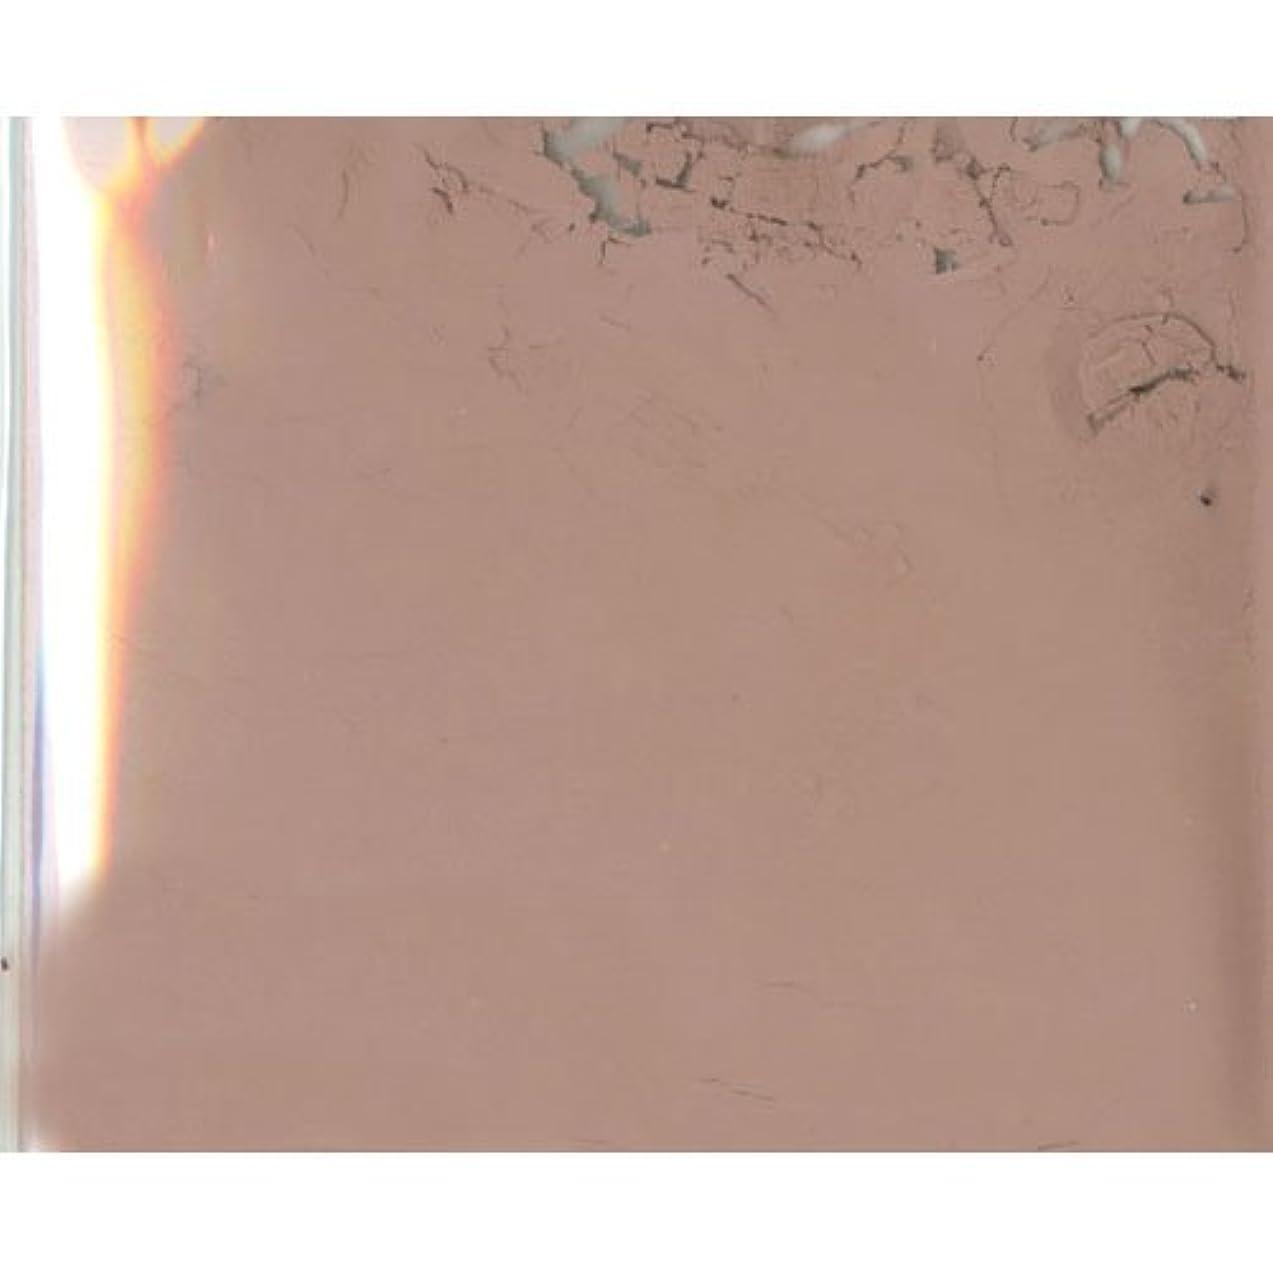 文法離れた満足させるピカエース ネイル用パウダー ピカエース カラーパウダー 透明顔料 #985 チョコレートブラウン 2g アート材